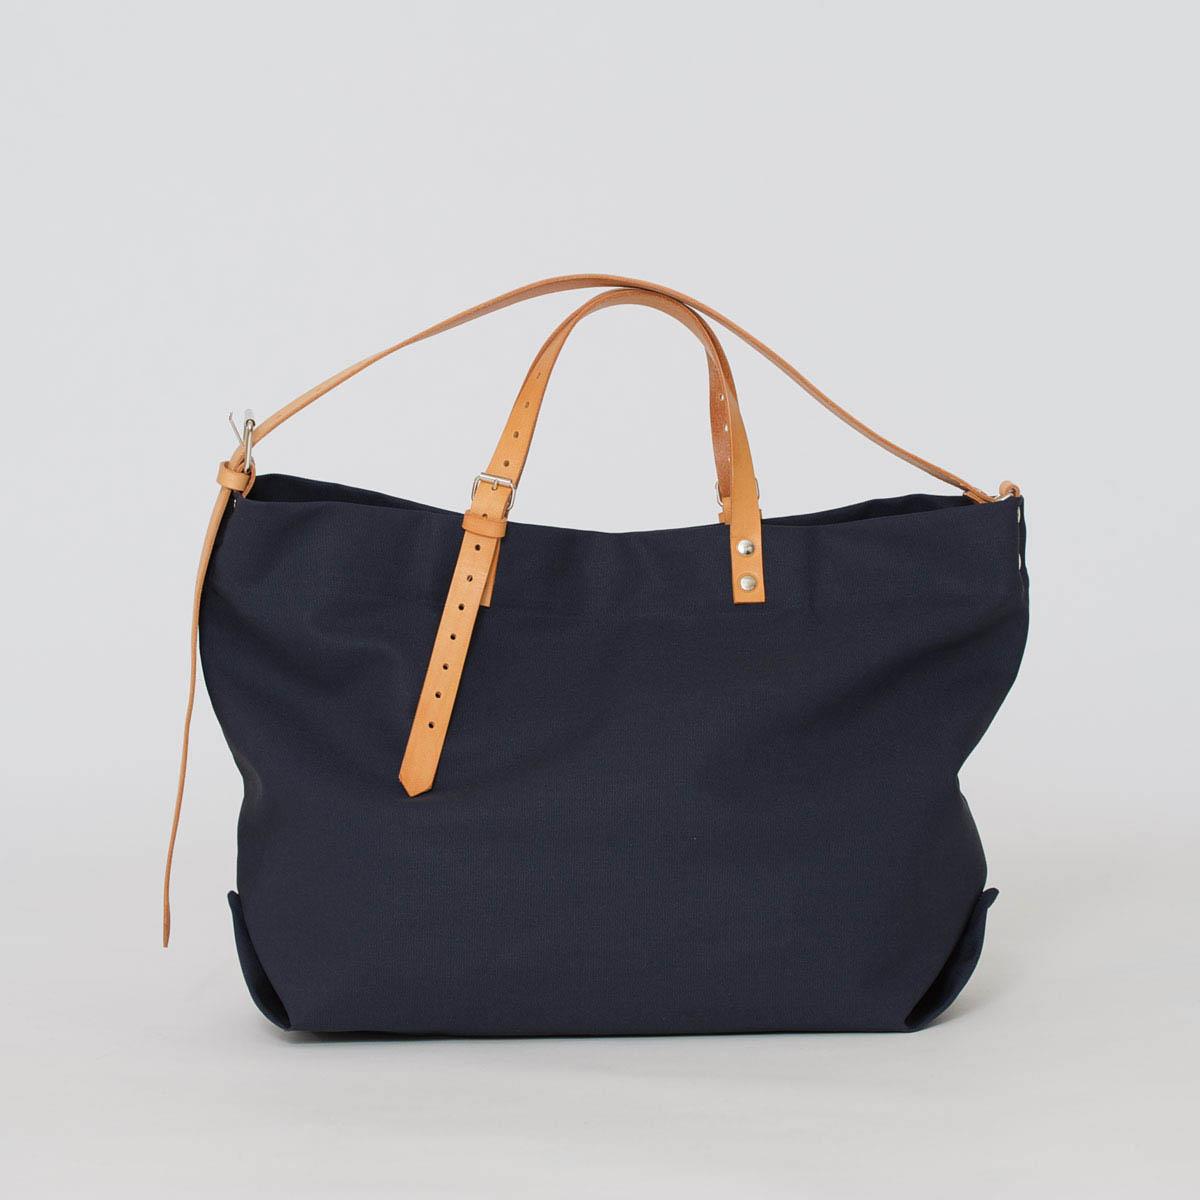 PAPA BAG navy/blau (Tote bag/Tragetasche) #1